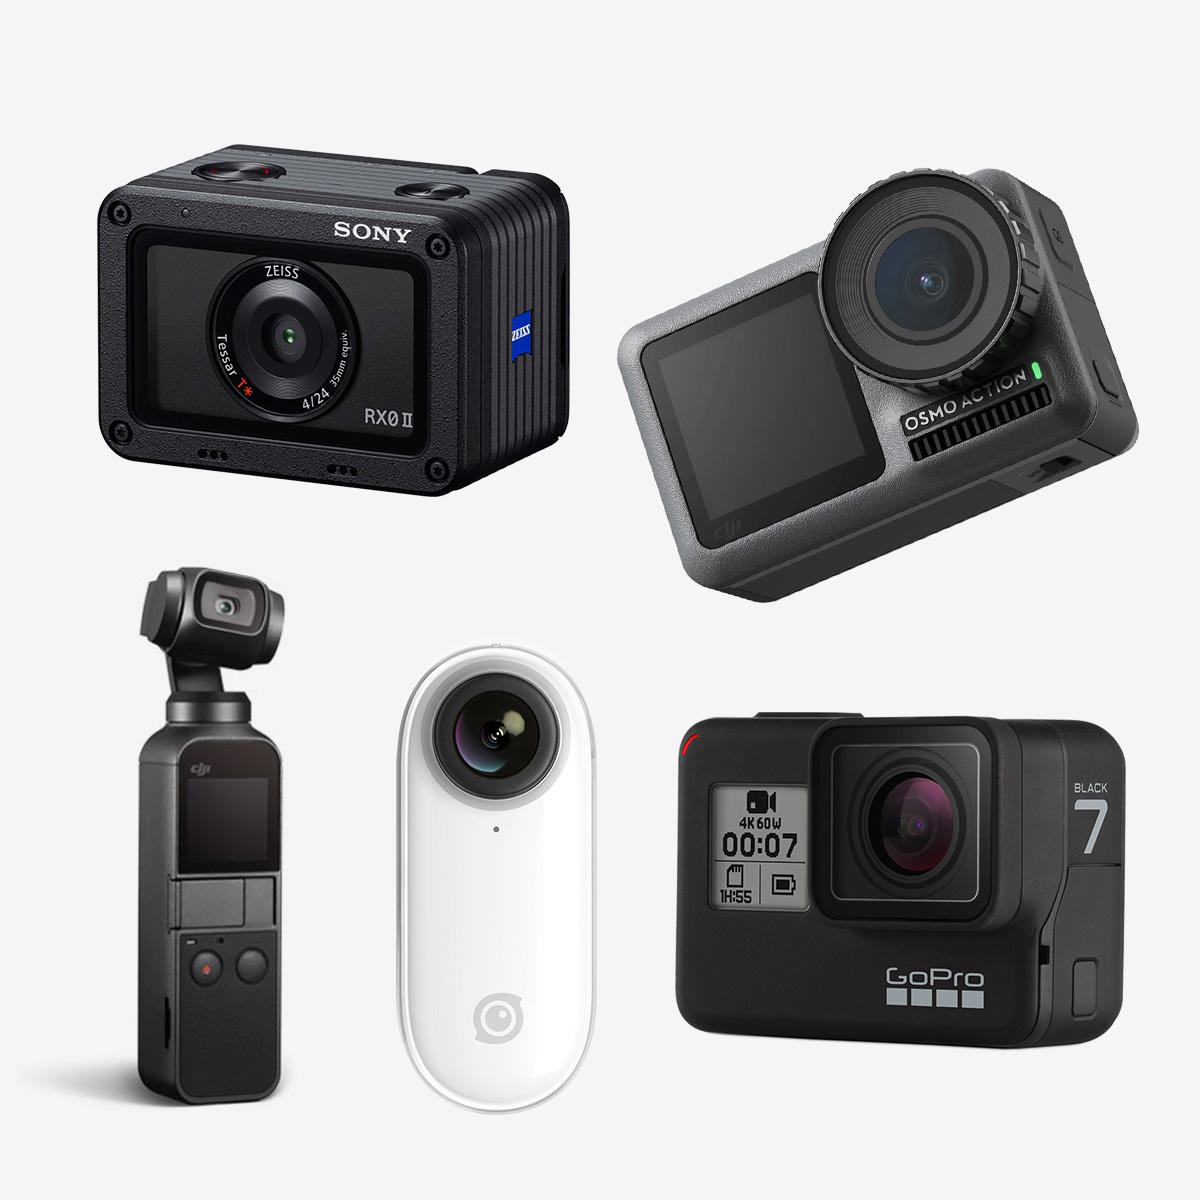 《2019年》アクションカメラの選び方ガイド。人気&コスパモデルを比較